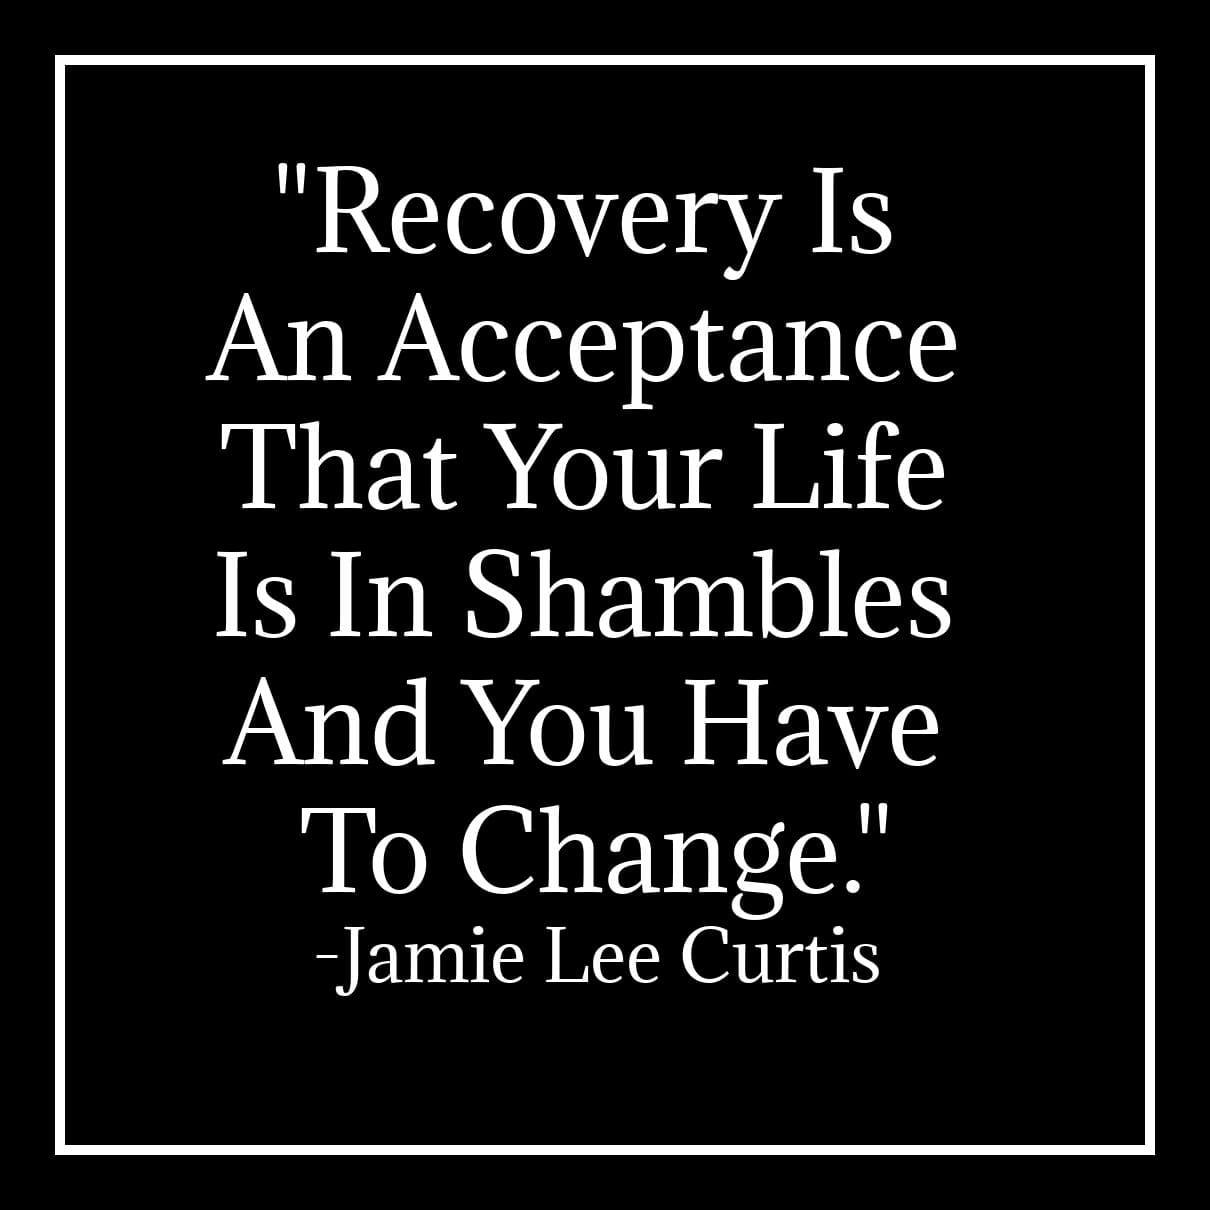 Jamie Lee Curtis addiction quote